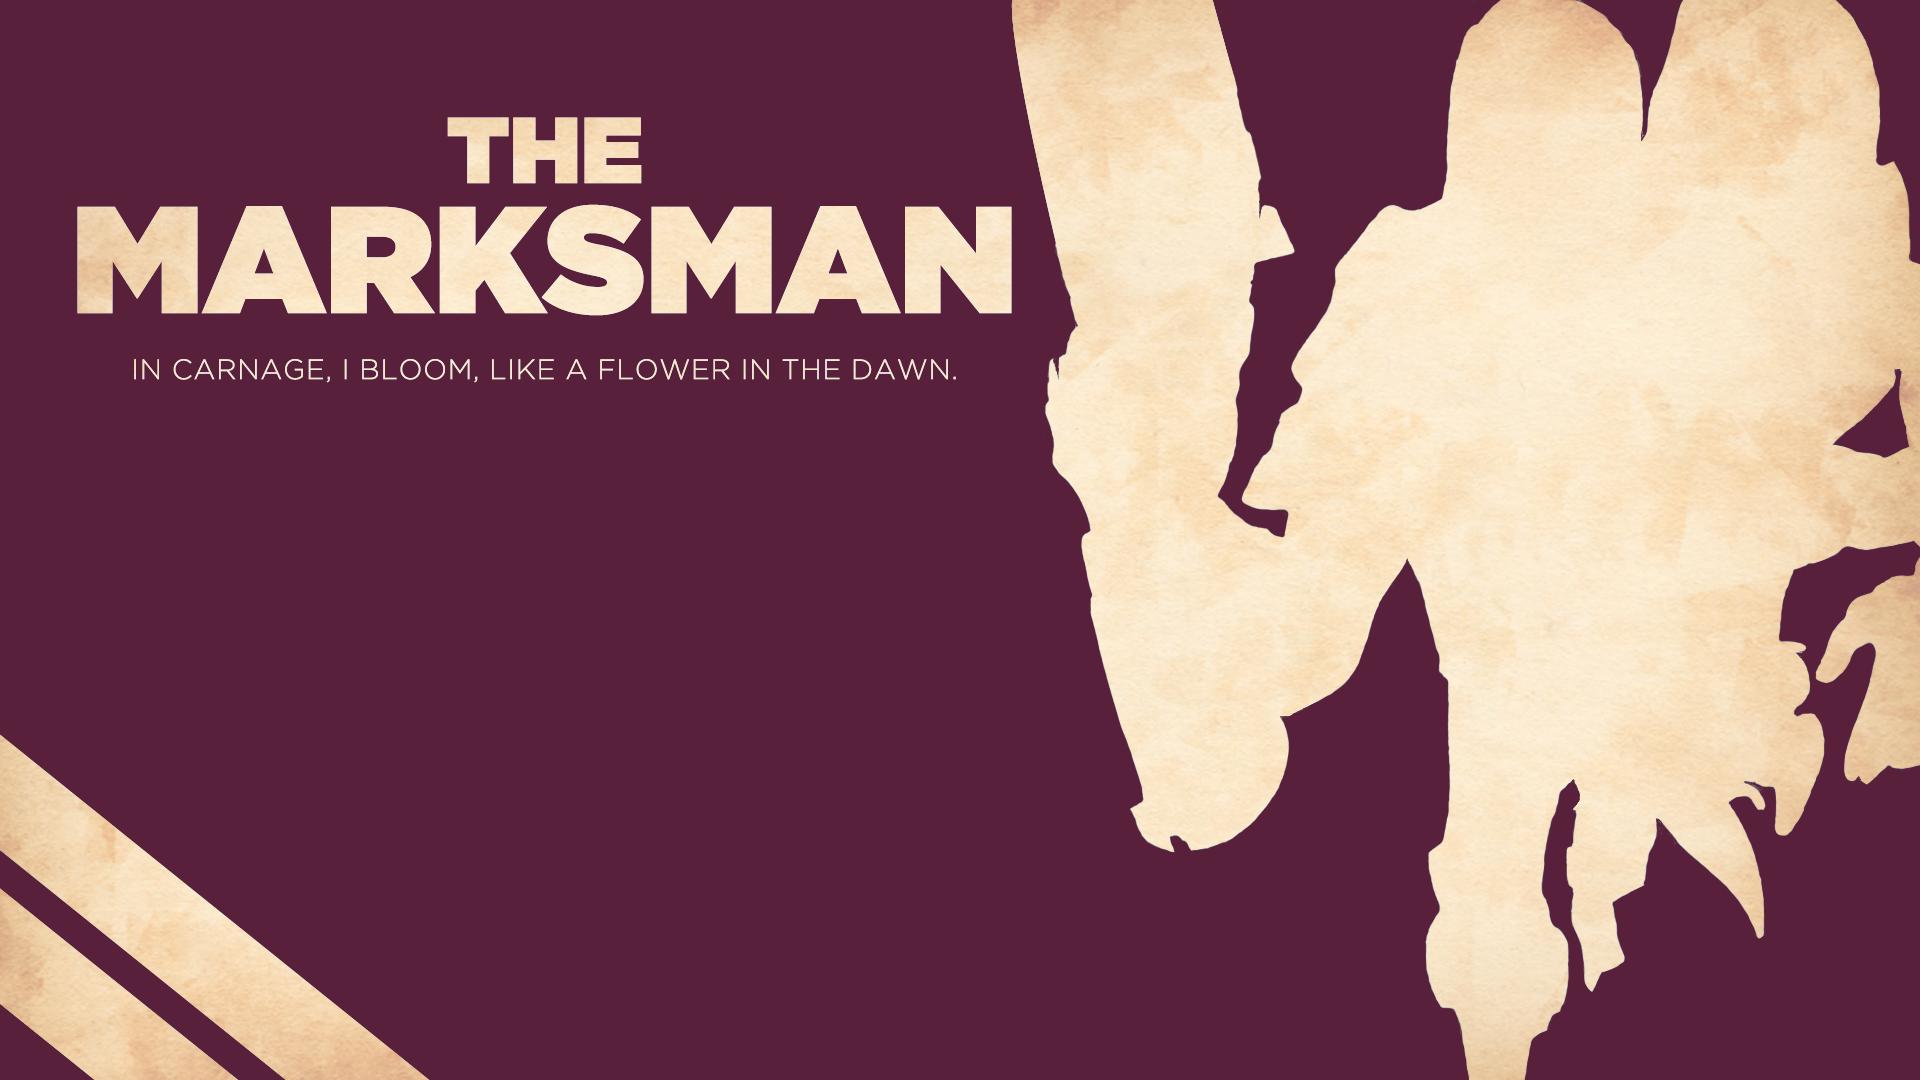 The Marksman - Jhin by Welterz on DeviantArt